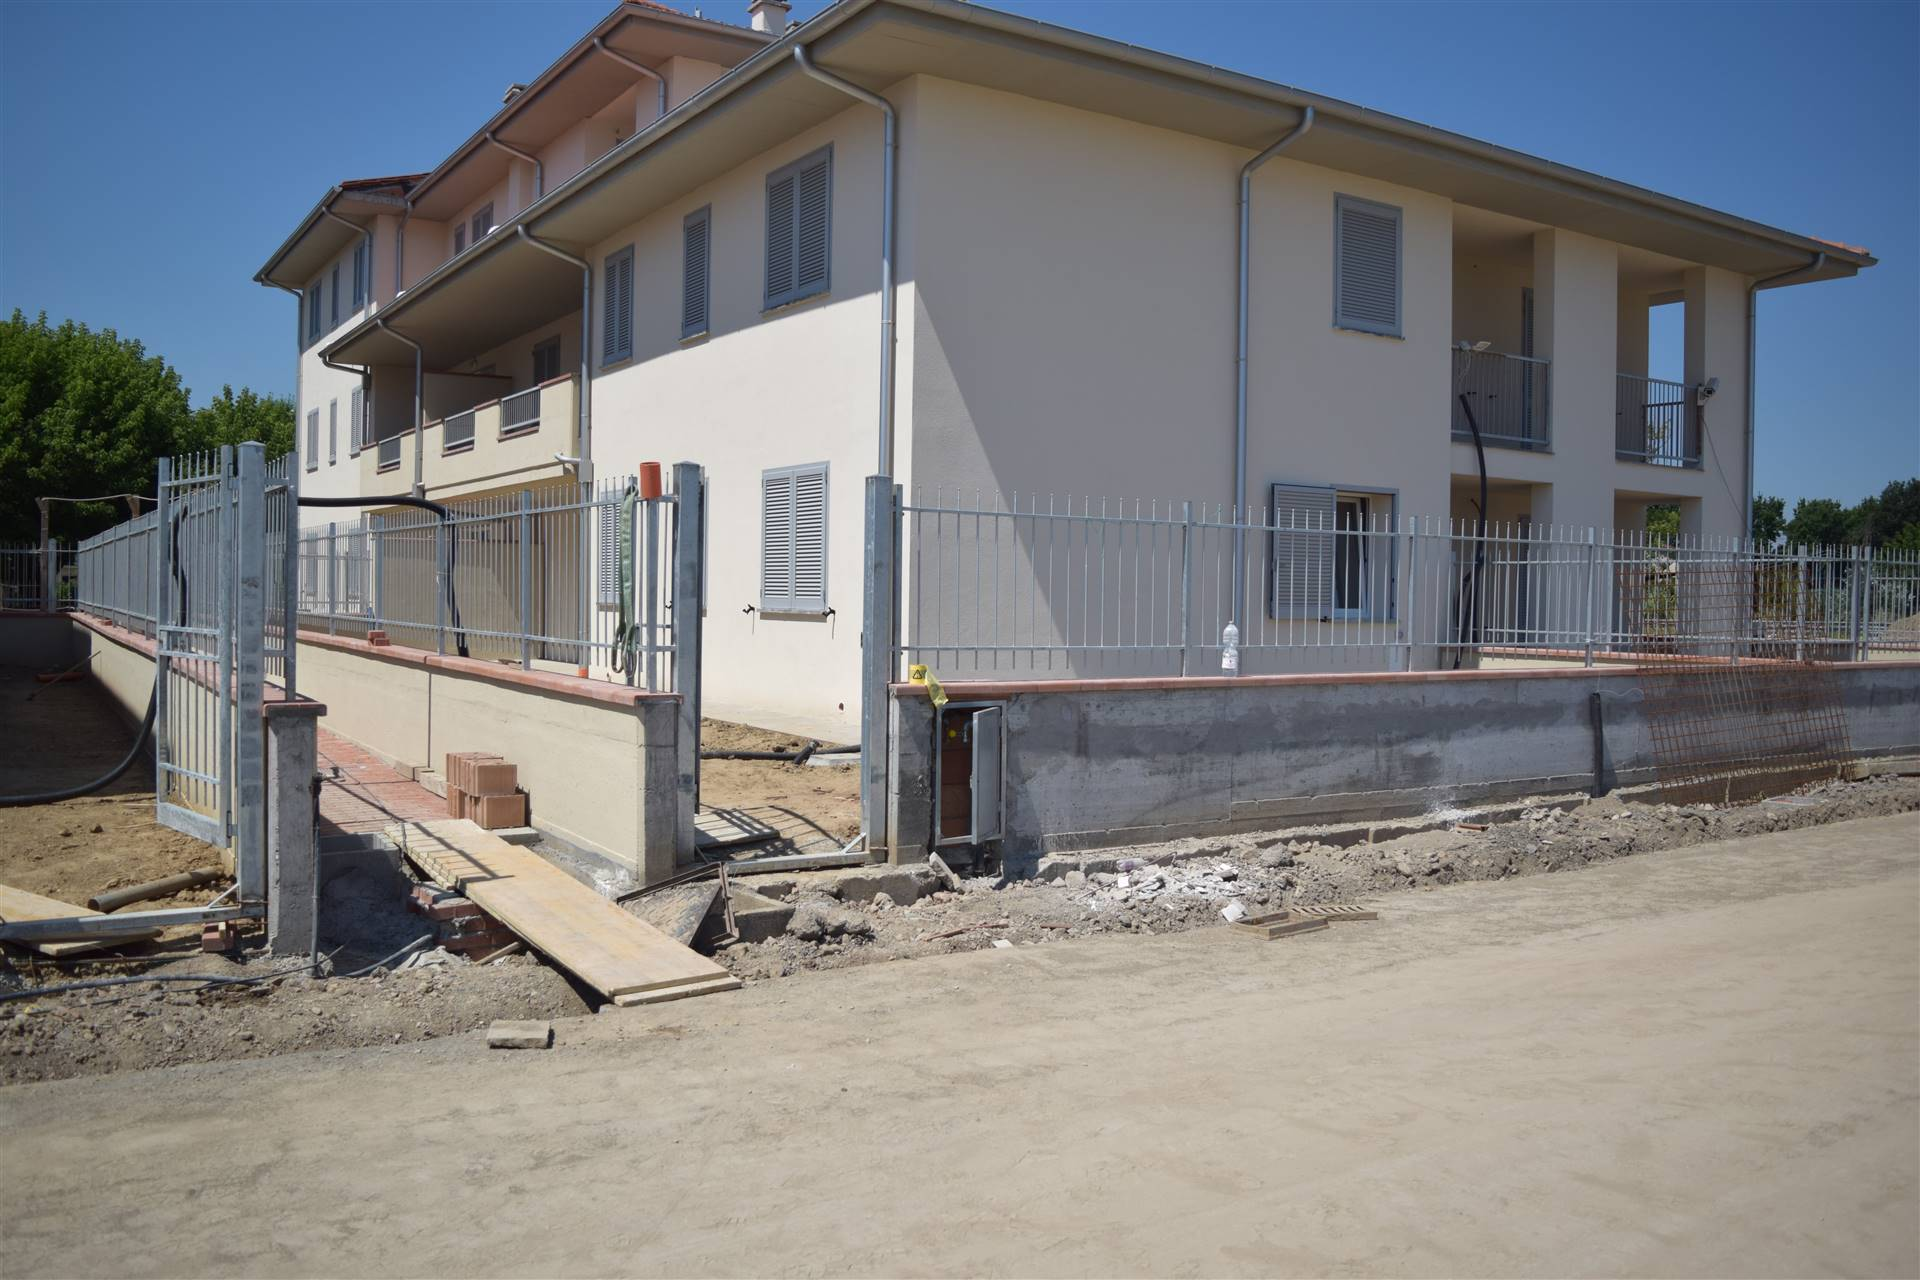 ApartmentinQUARRATA